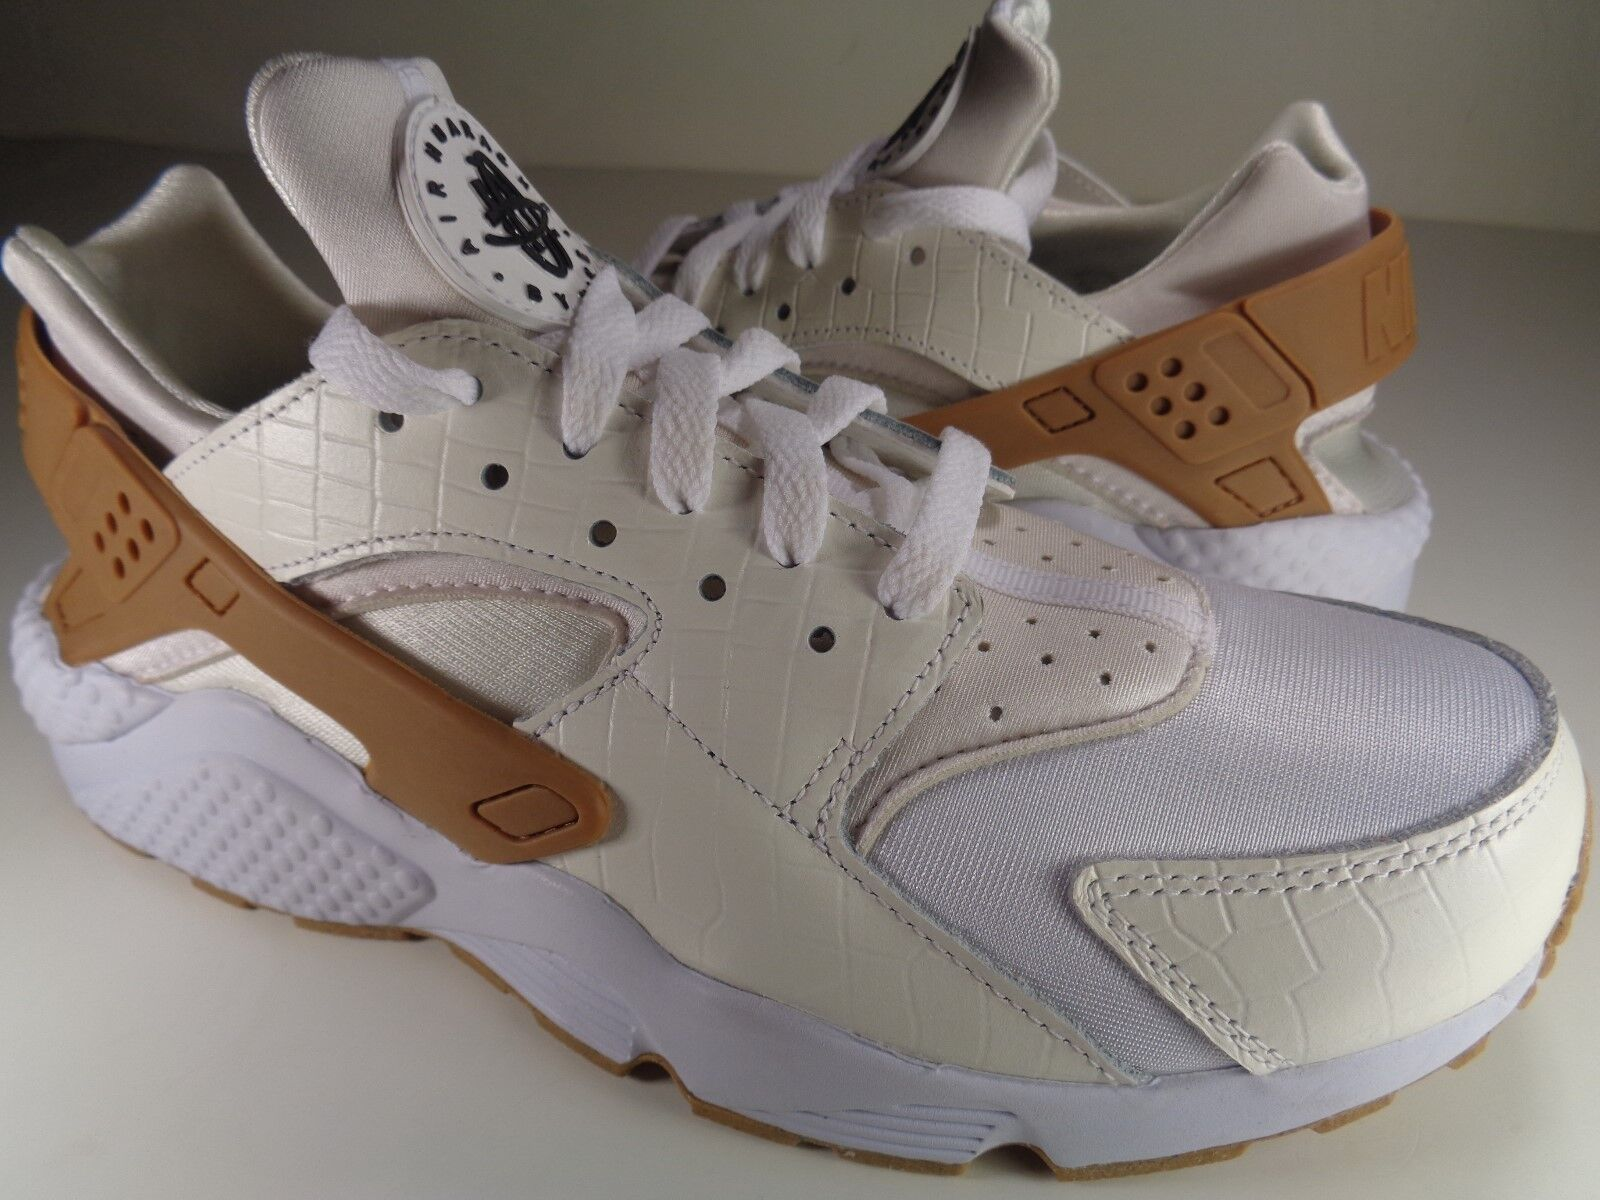 femmes Nike Air Huarache Run iD Brown 9 Noir blanc Croc SZ 9 Brown (777331-997) 4a3ddb